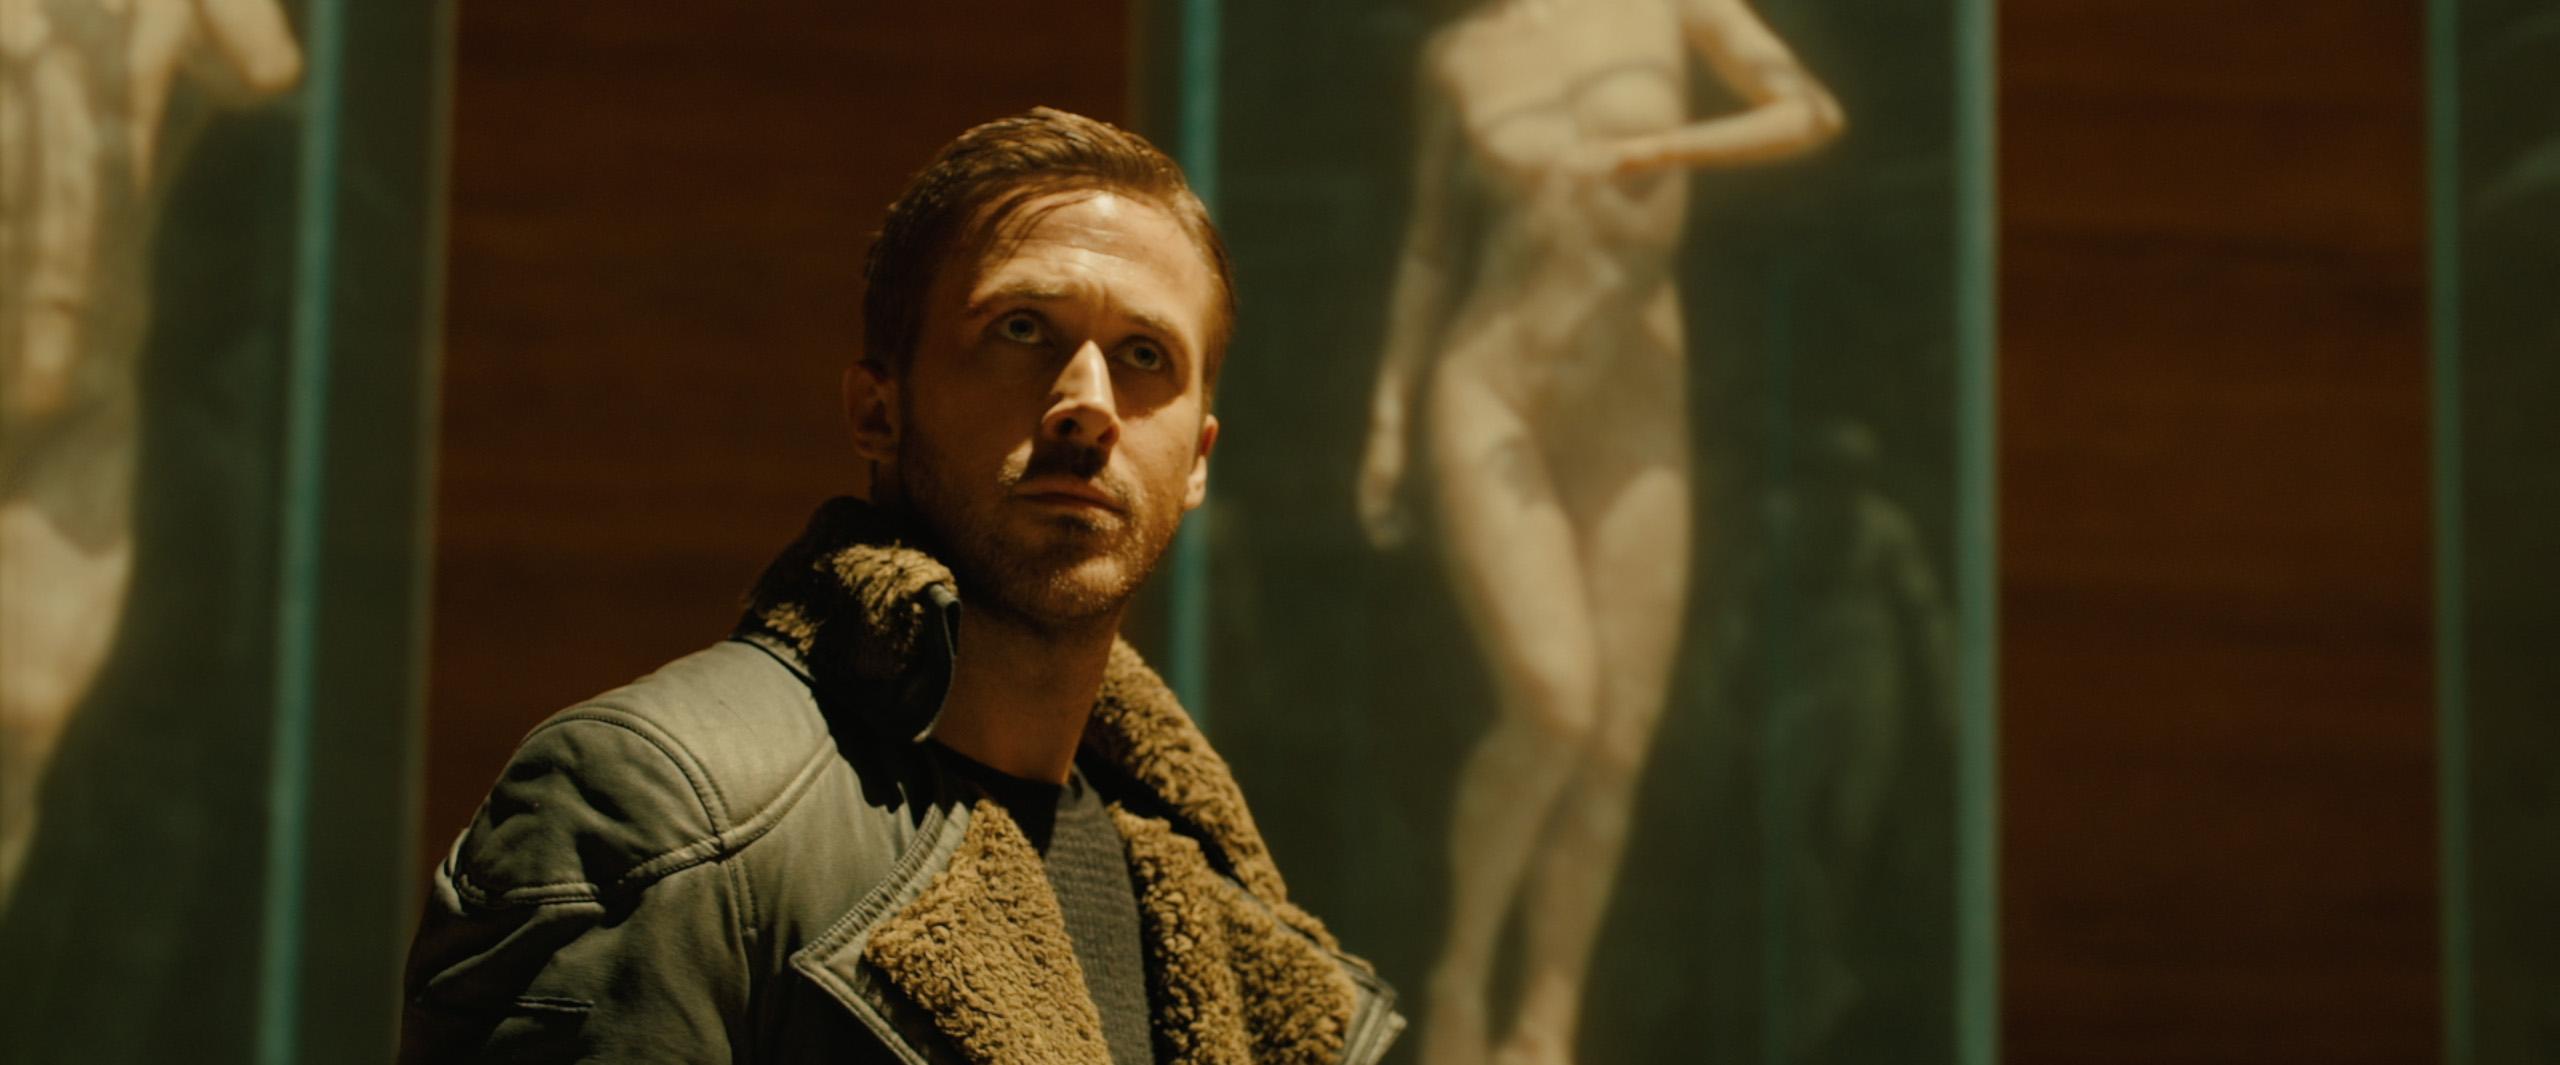 Ryan Gosling, vestindo uma jaqueta verde com lapela larga de pele falsa de carneiro. Atrás dele uma espécie de aquário mostra um corpo feminino nu sendo gerado.